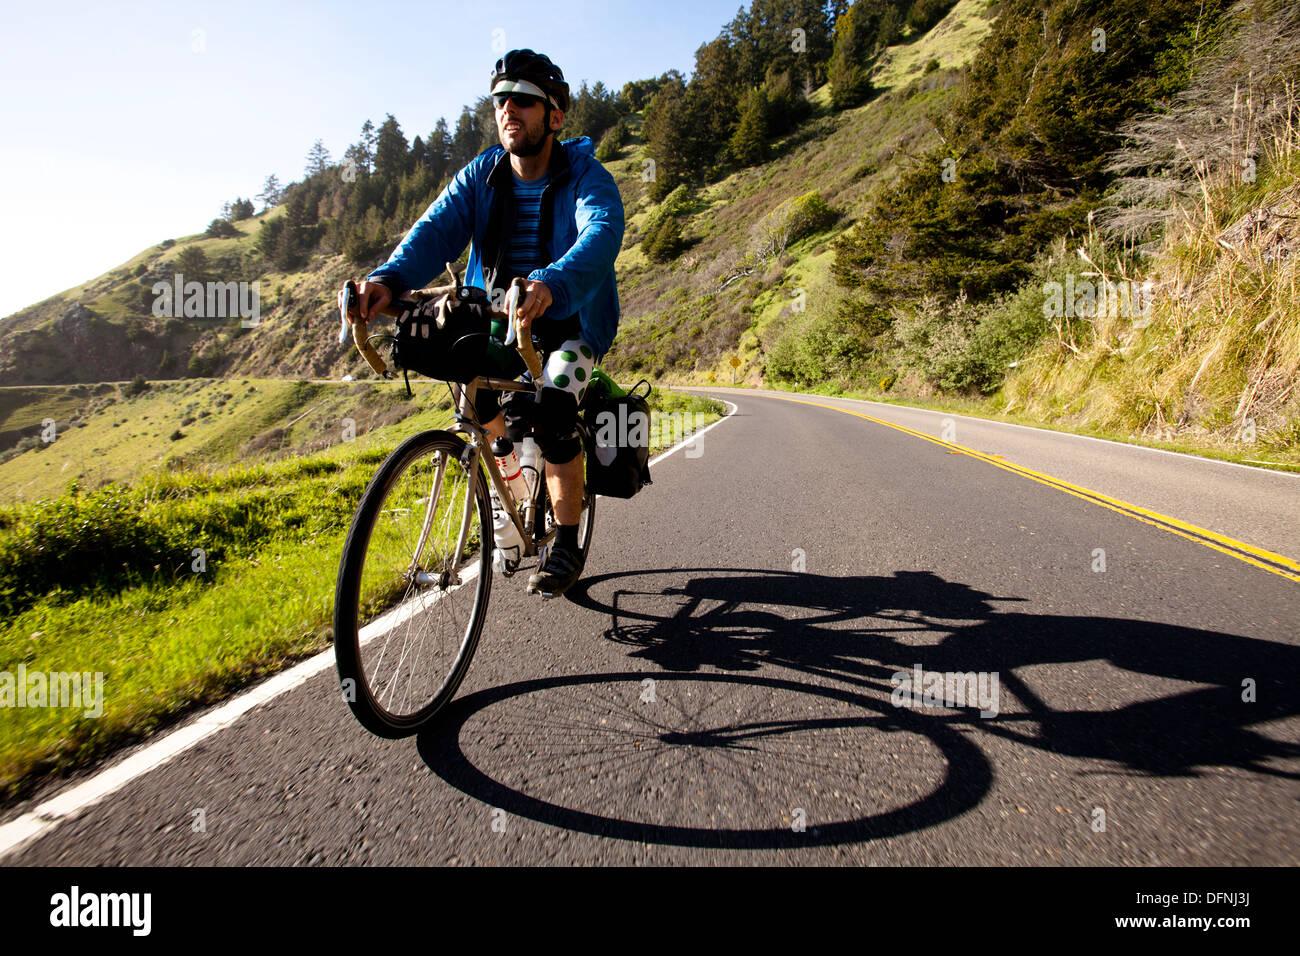 Un homme chevauche son vélo randonnée cycliste le long de la côte du Pacifique l'Autoroute Près de Jenner, en Californie. Photo Stock